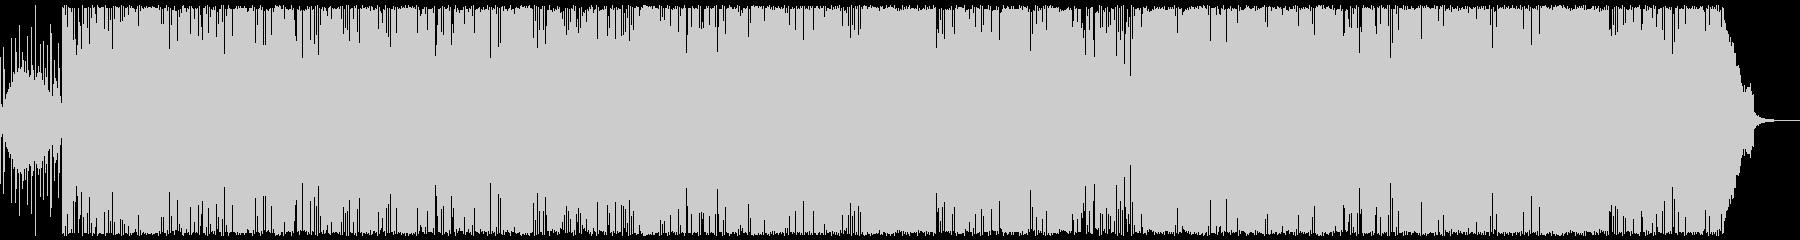 明るい雰囲気のエレクトロポップの未再生の波形